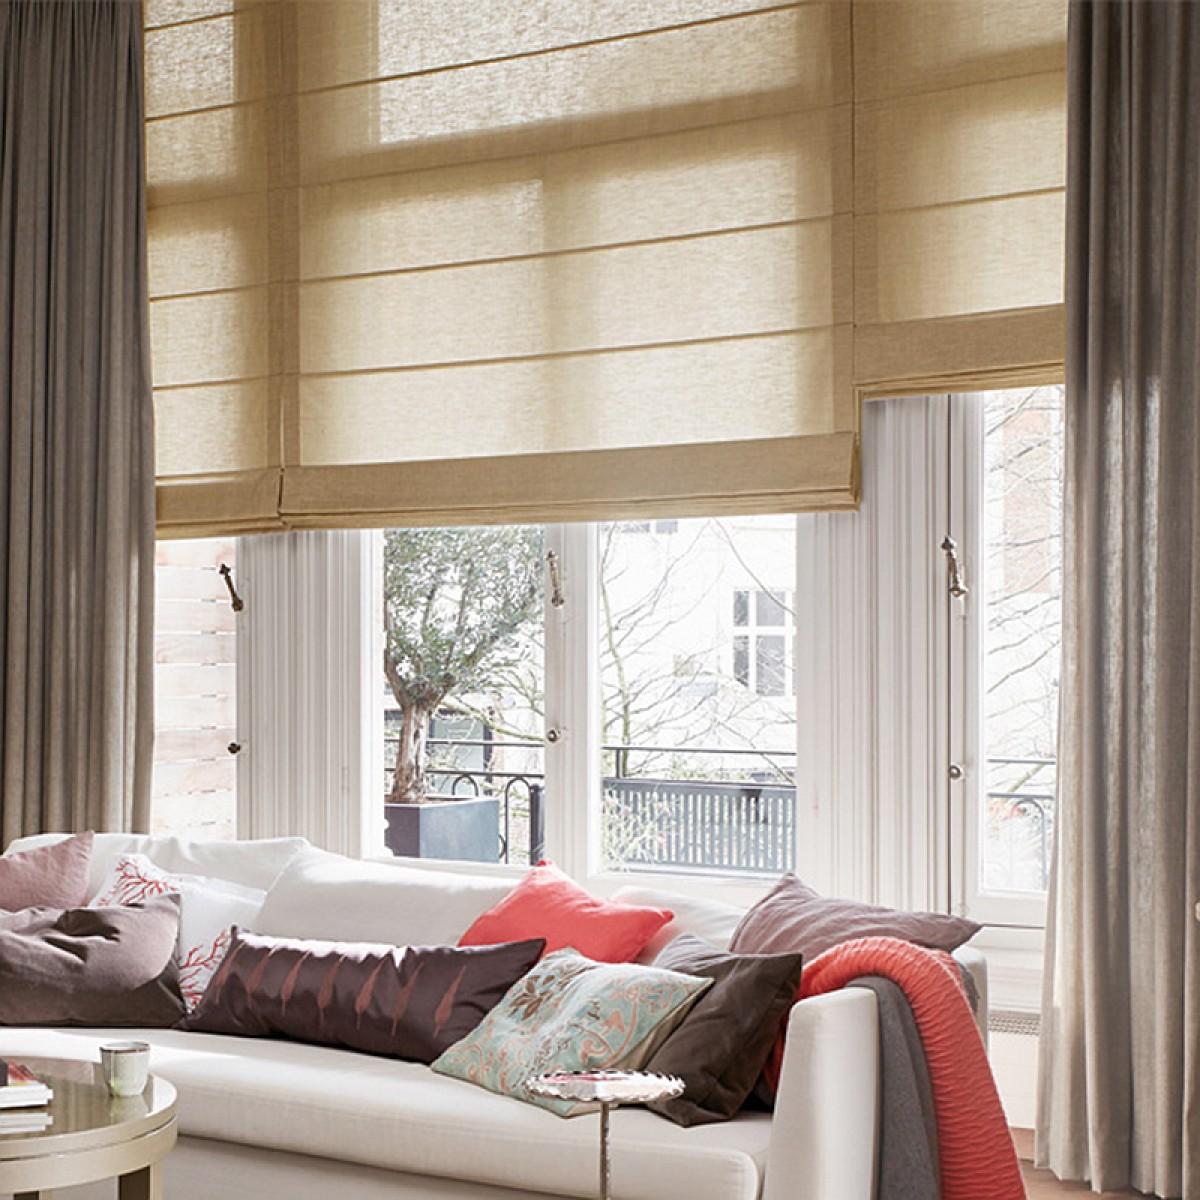 艾菲幔窗帘 清晨的阳光亚麻质地透光窗帘